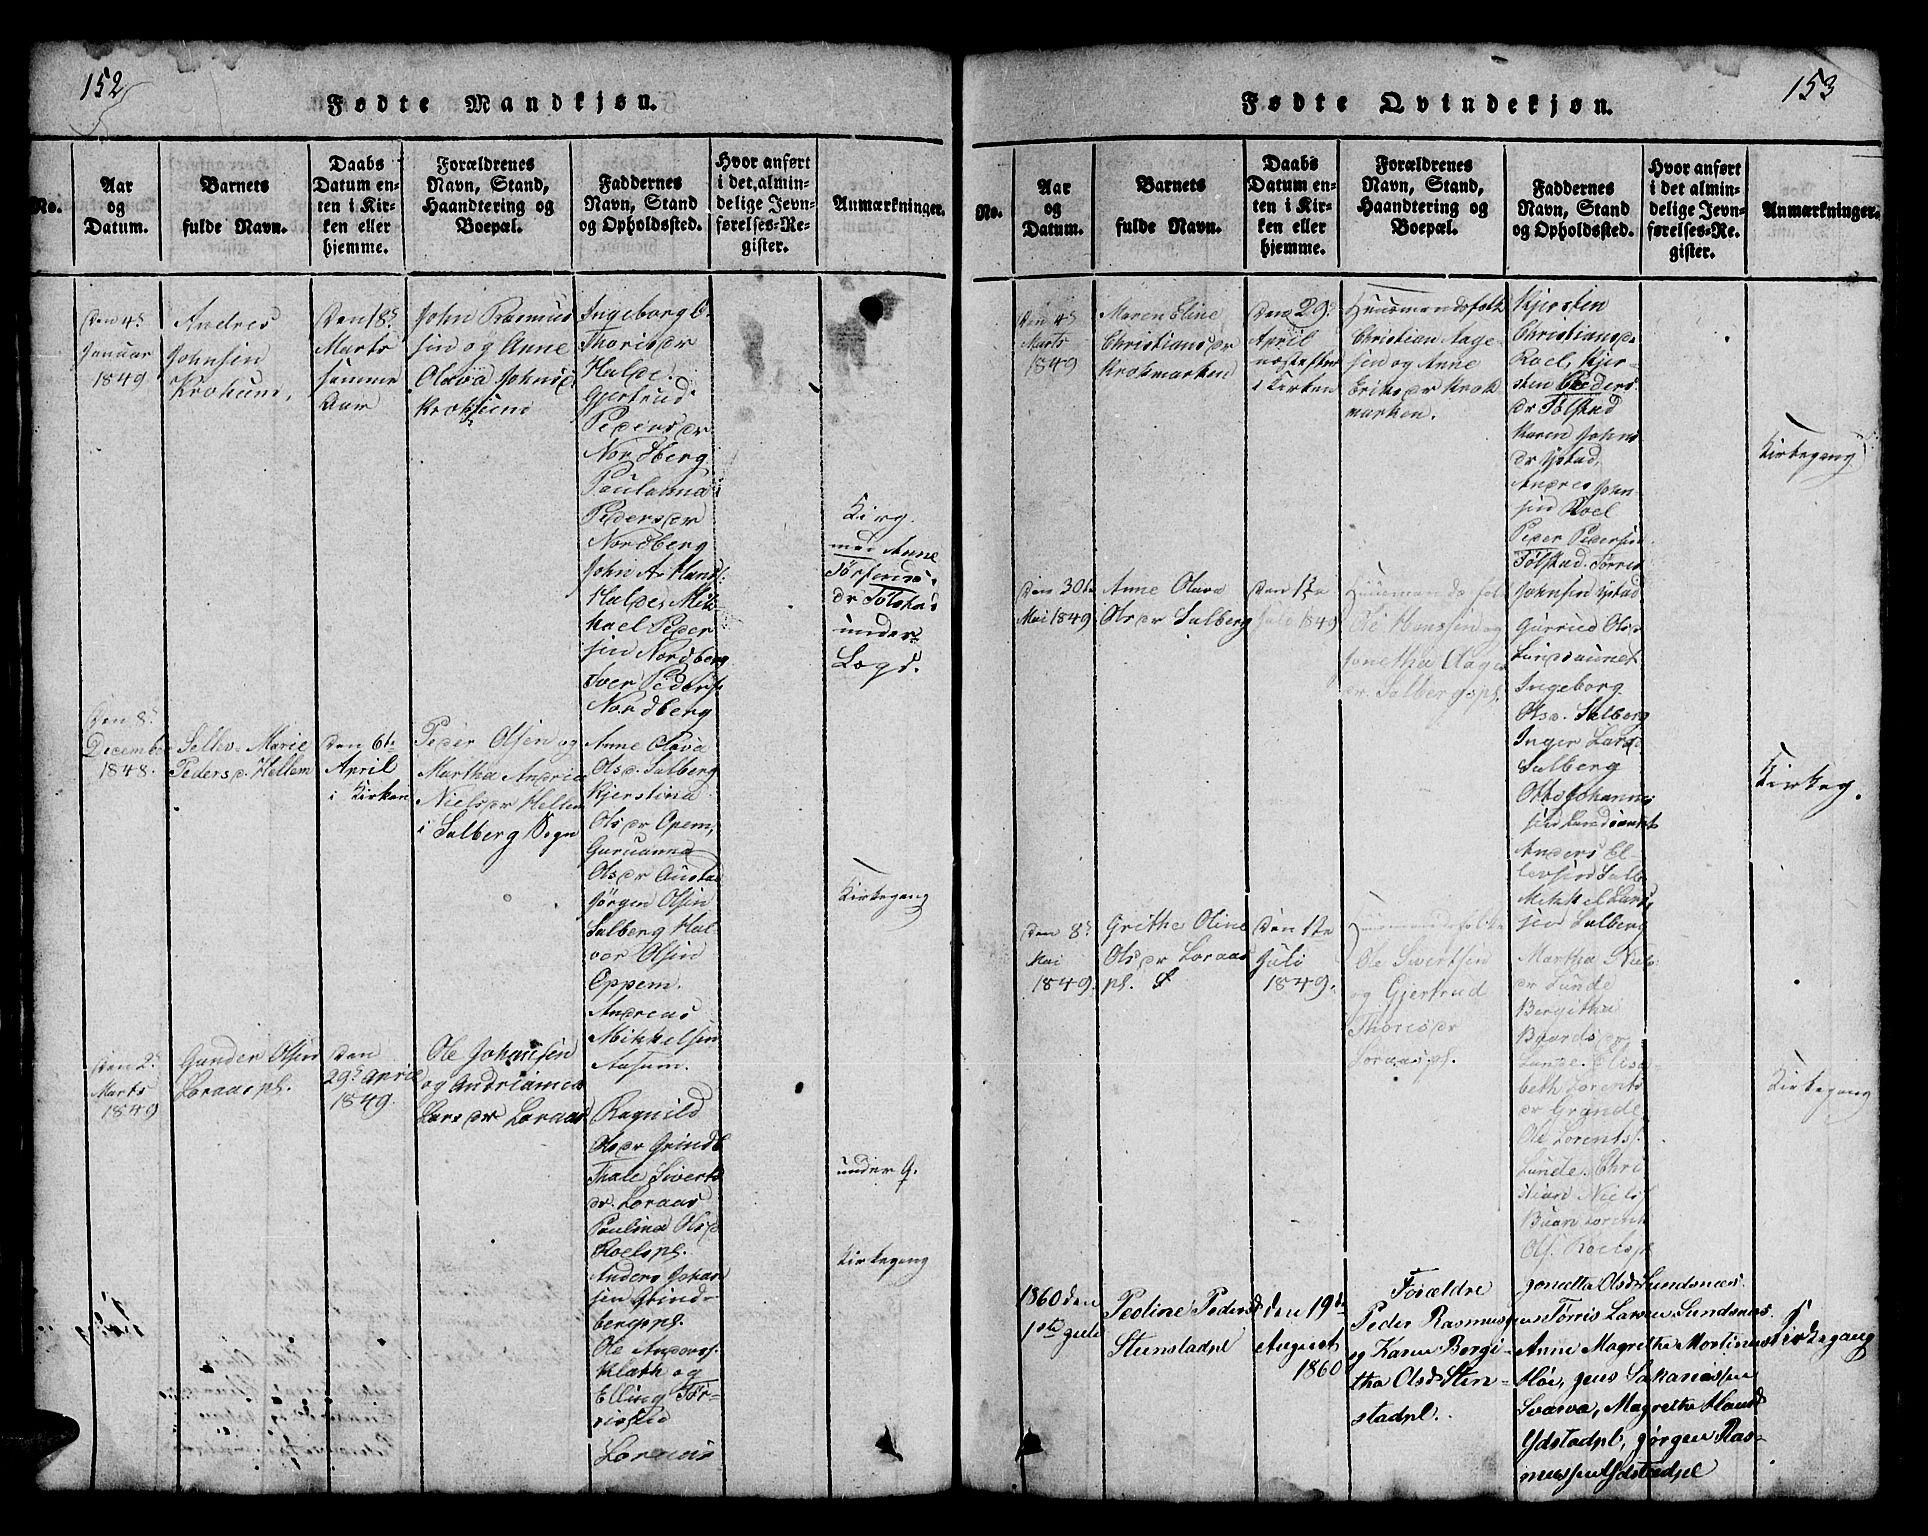 SAT, Ministerialprotokoller, klokkerbøker og fødselsregistre - Nord-Trøndelag, 731/L0310: Klokkerbok nr. 731C01, 1816-1874, s. 152-153